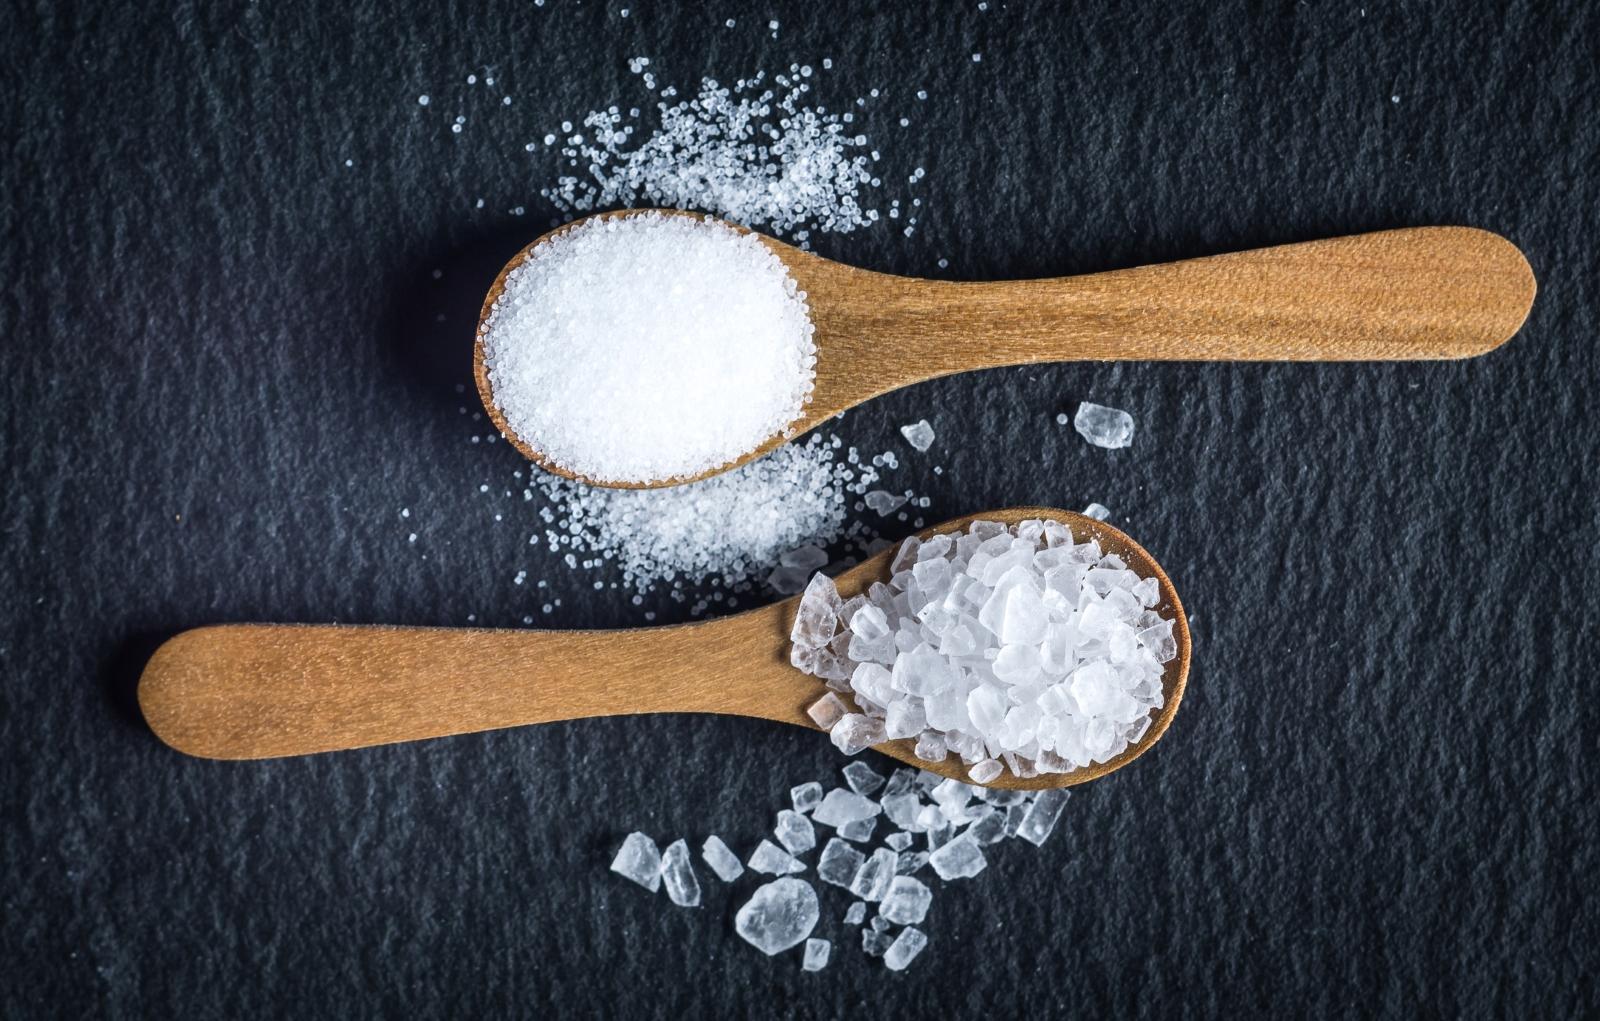 """Сол.Прекомерната консумация на сол води до подуване, пърхот и дехидратация. Тя тялото да произвежда повече """"мазнини"""" за борба с липсата на вода. Отново всичко това завършва, причинявайки мазна коса, особено ако сте предразположени. Ето защо е важно да ограничите консумацията на солени бисквити, чипс, пържени картофи и солени ядки, защото те съдържат твърде много сол."""